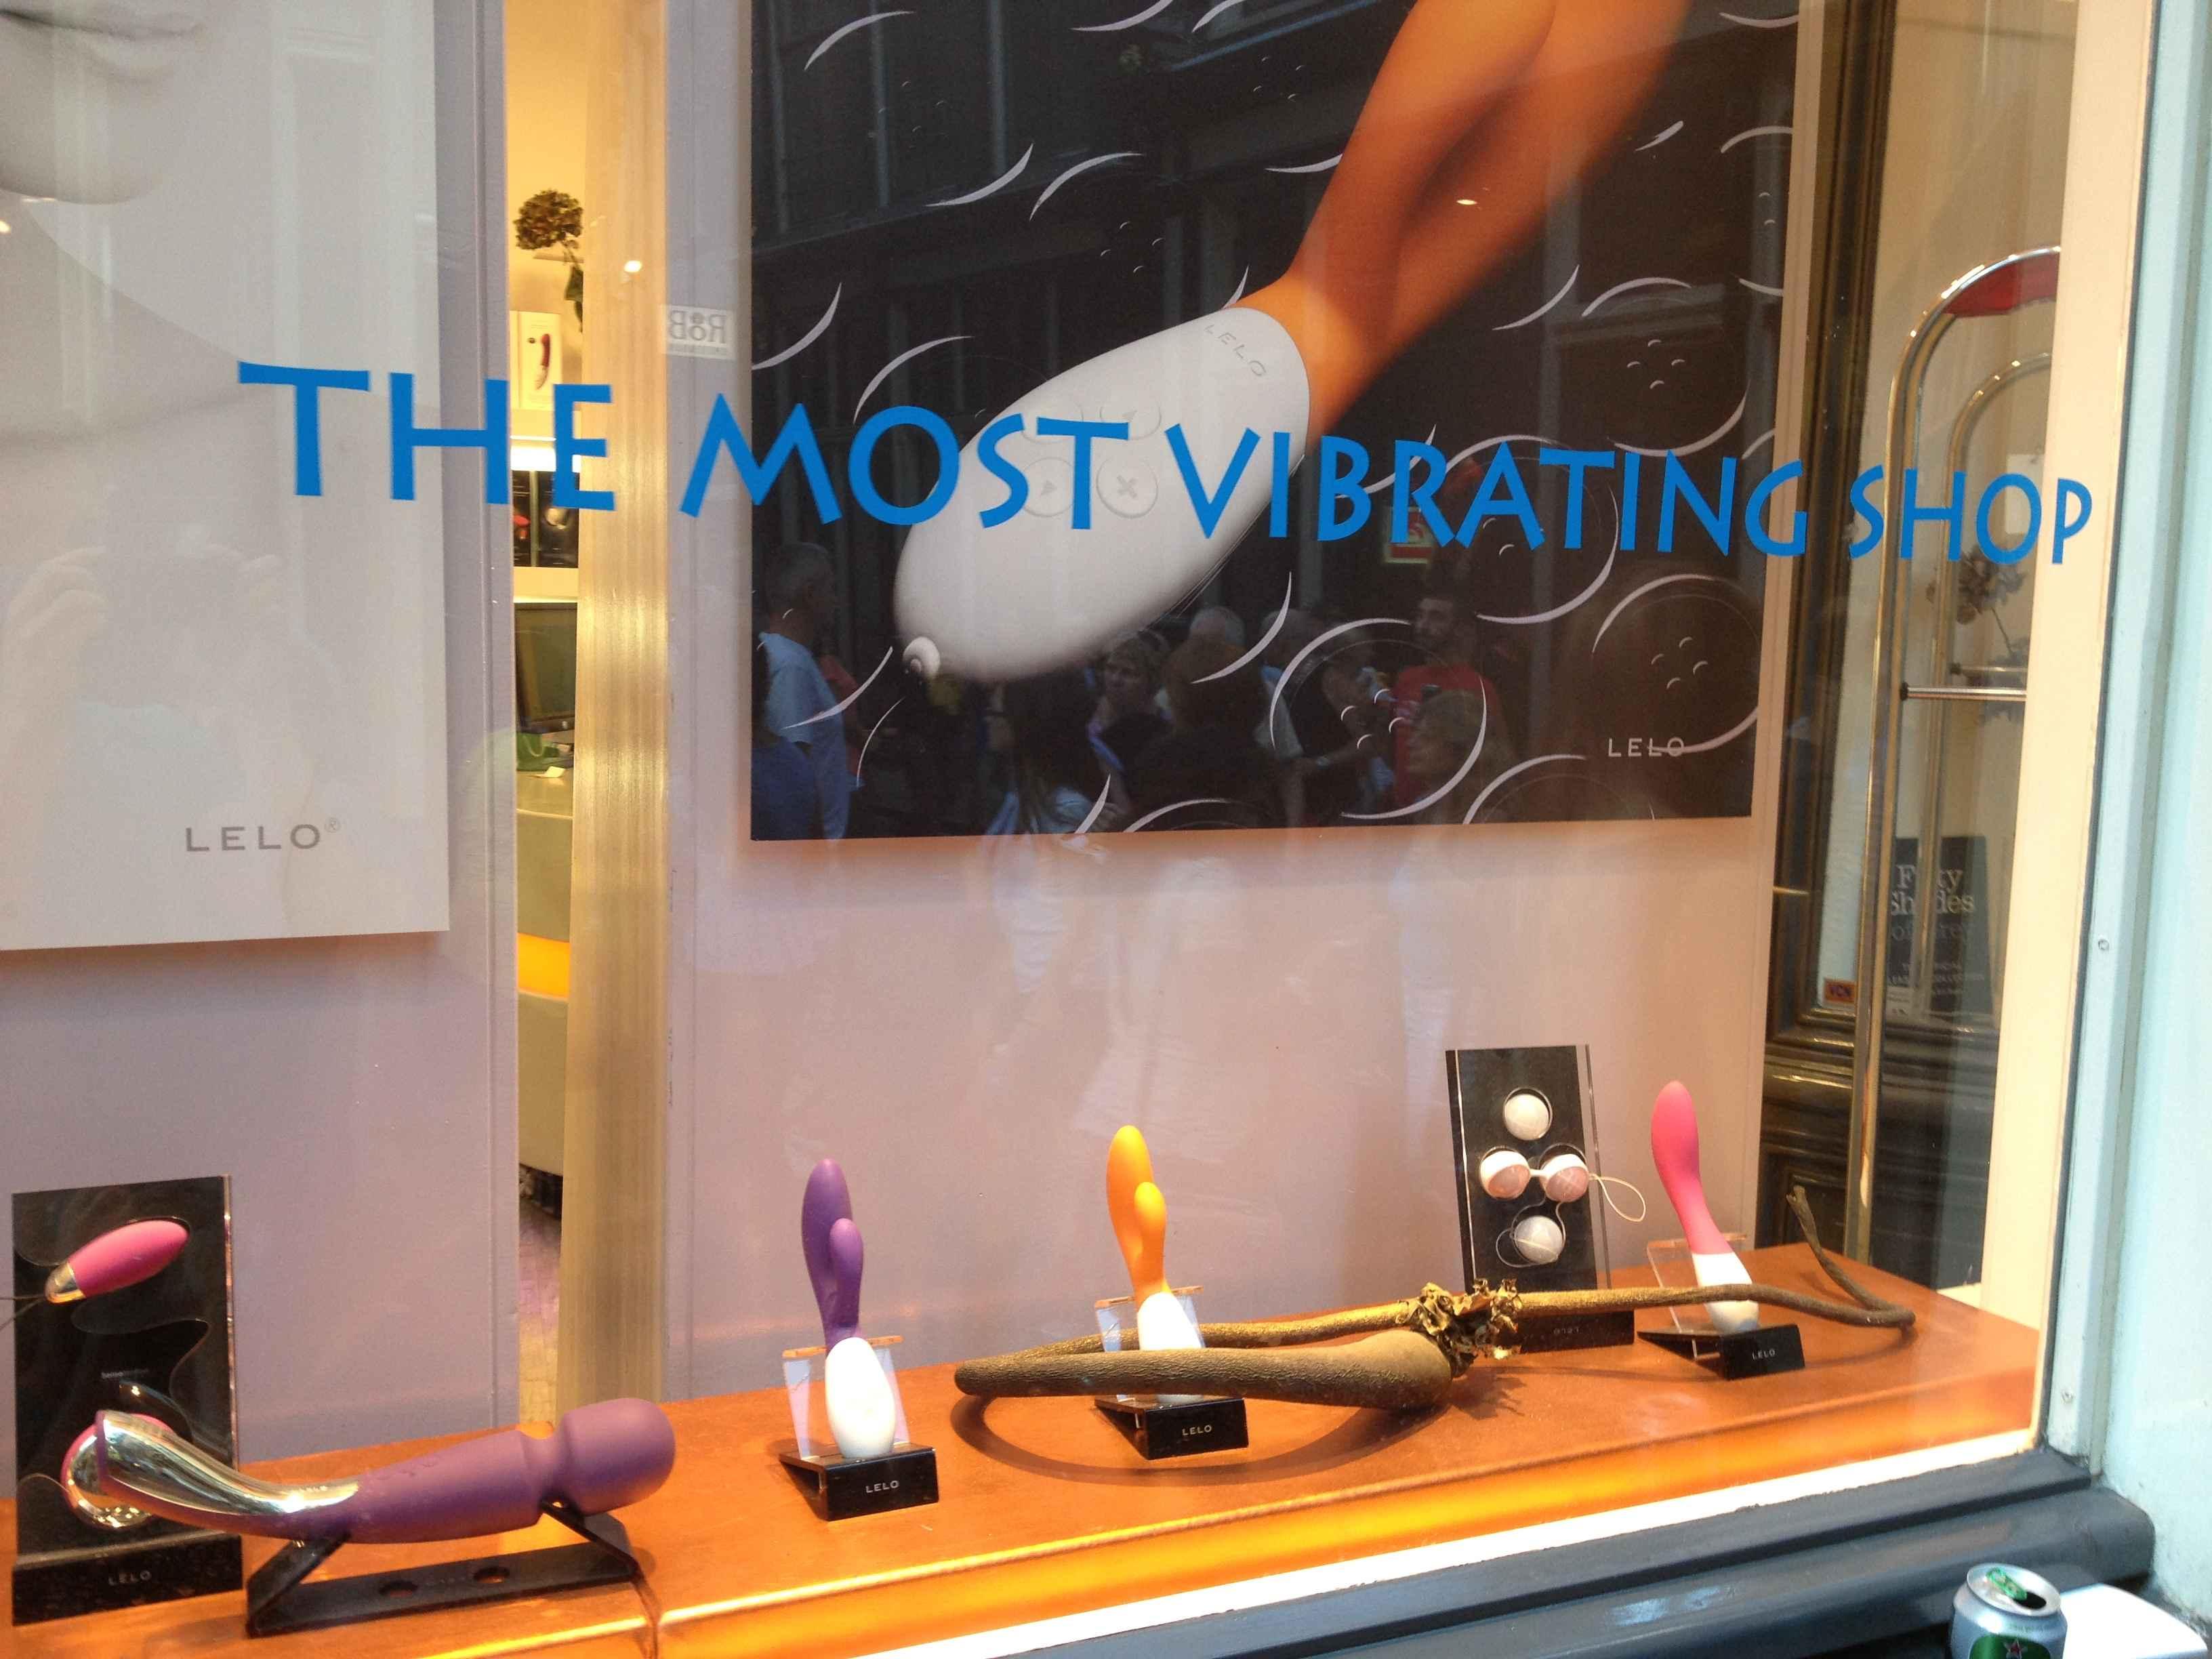 Vibrating Shop